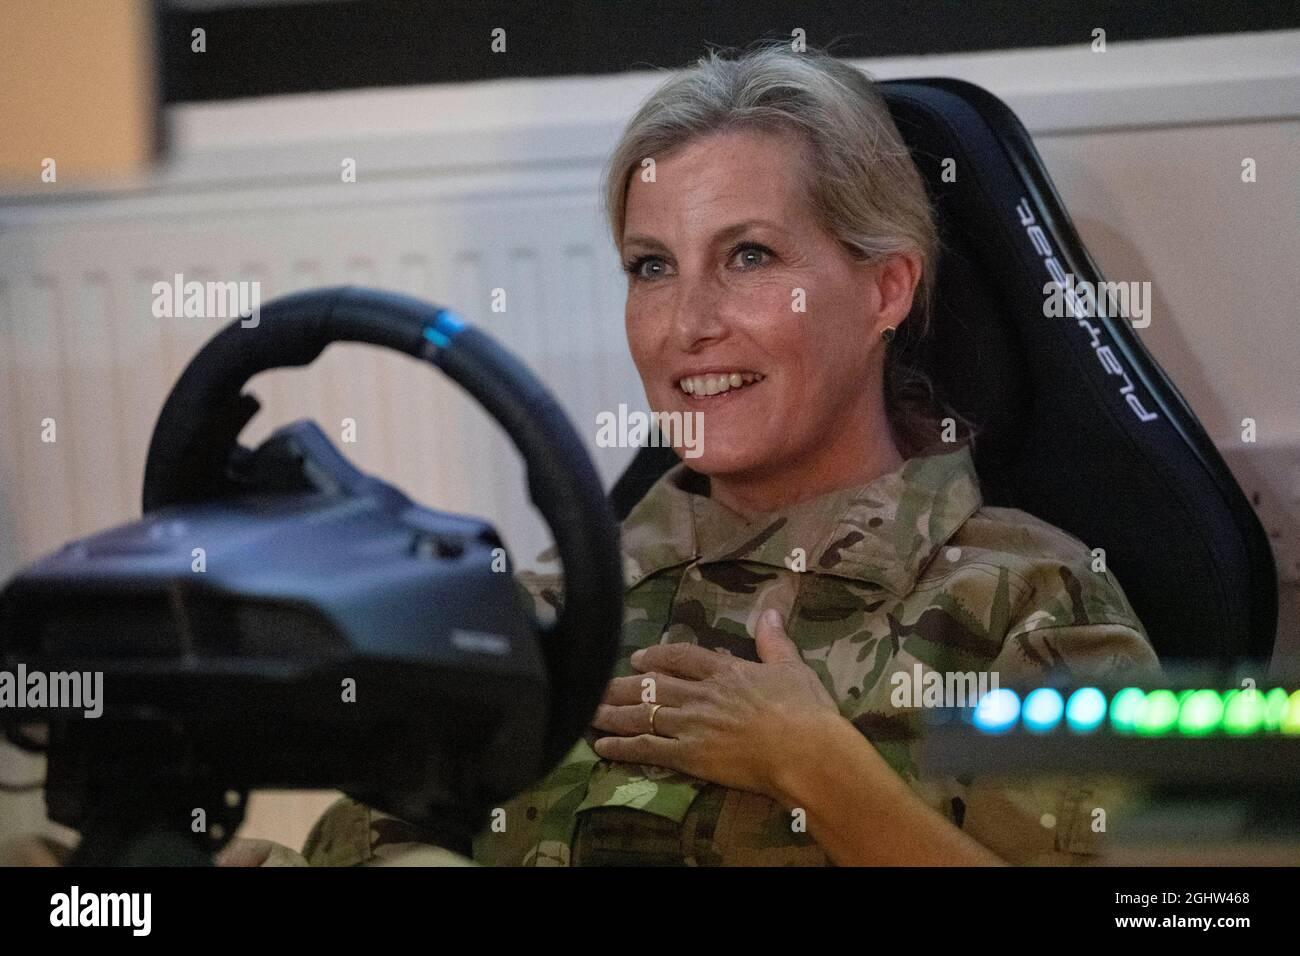 Die Gräfin von Wessex spielt ein Rennspiel namens Dirt 2, das Teil der E-Gaming Challenge ist, während ihres Besuchs bei RAF Wittering, Peterborough, wo sie den Gräfin von Wessex Cup besuchte, Ein jährlicher Wettbewerb, bei dem ihre Regimenter und militärischen Organisationen in einer Reihe von Herausforderungen gegeneinander antreten. Bilddatum: Dienstag, 7. September 2021. Stockfoto